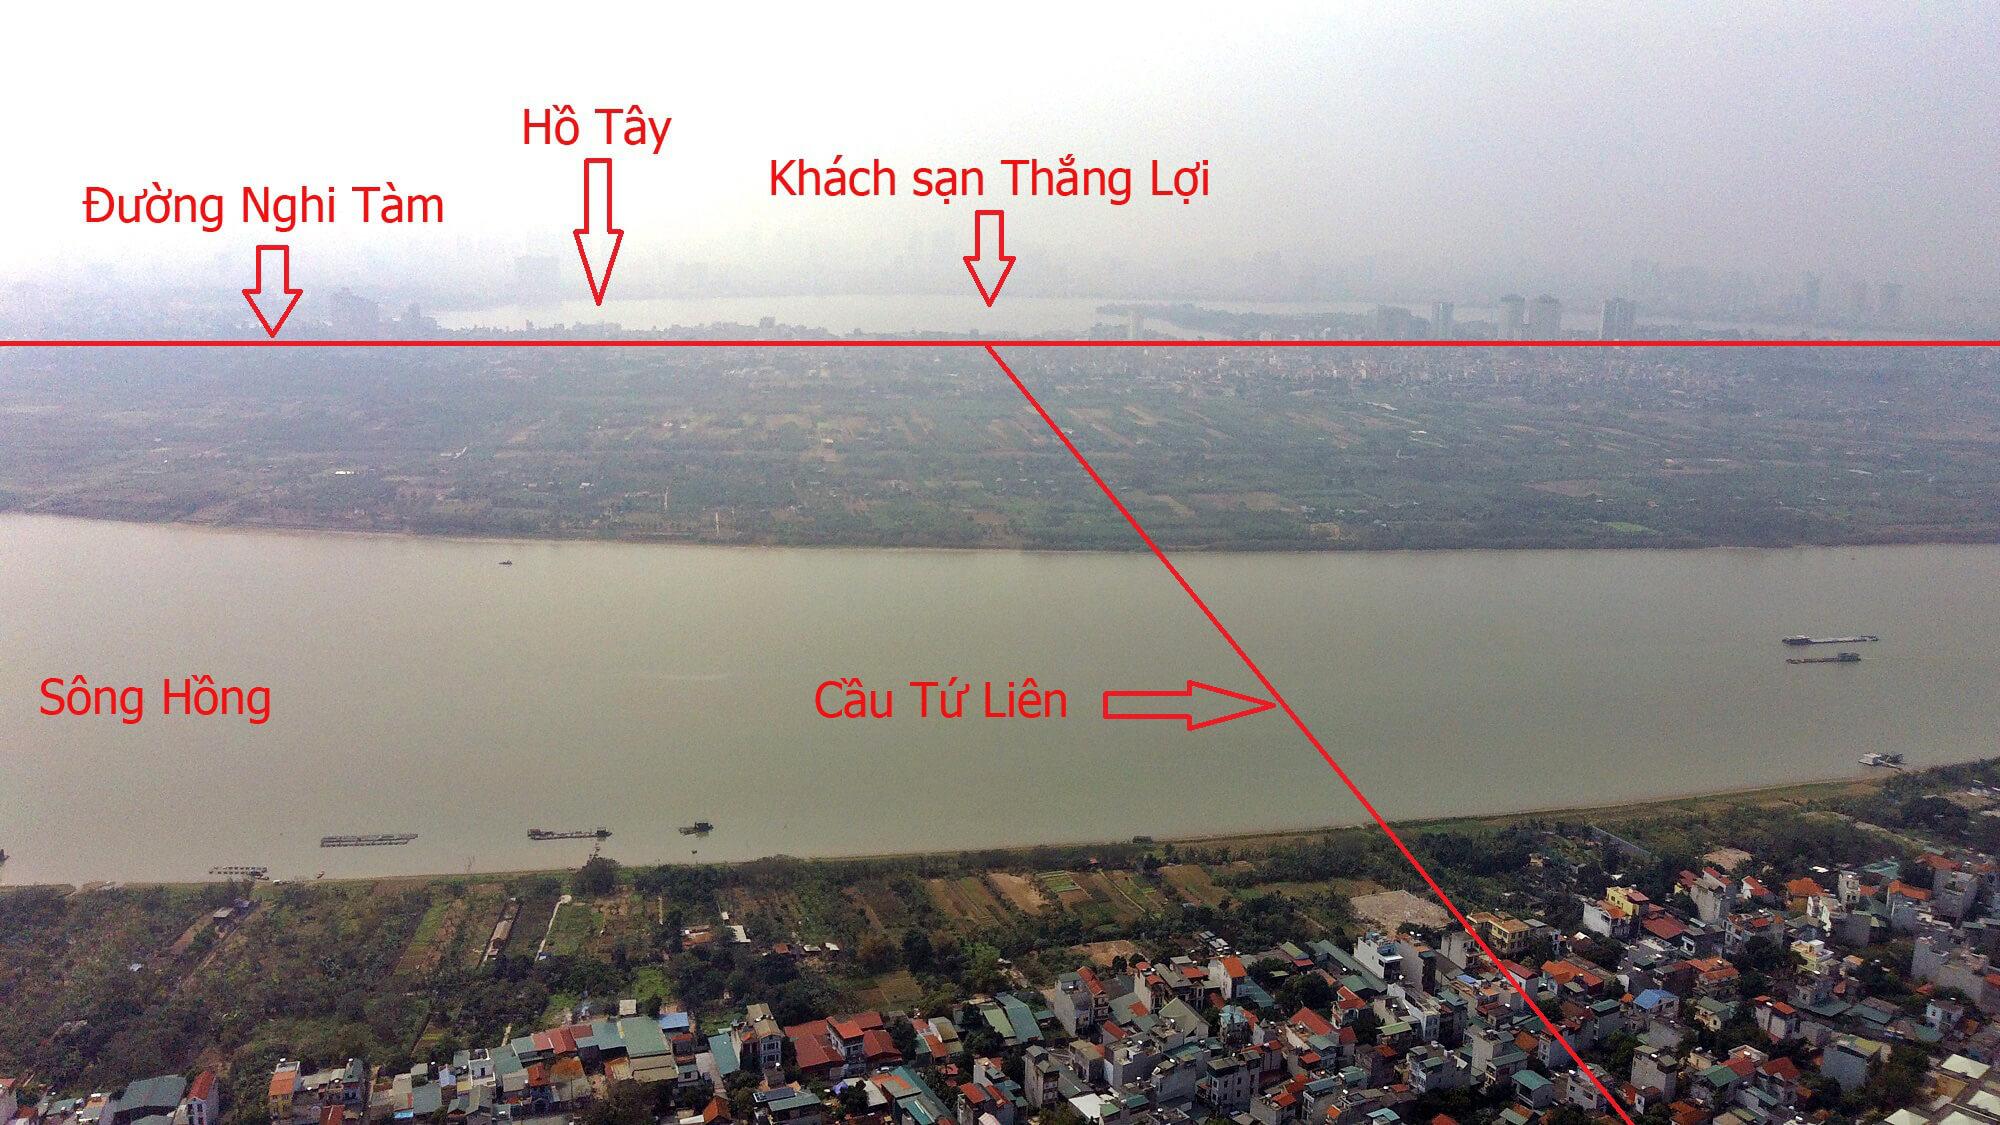 Chân cầu phía Nghi Tàm nằm gần với khách sạn Thắng Lợi.